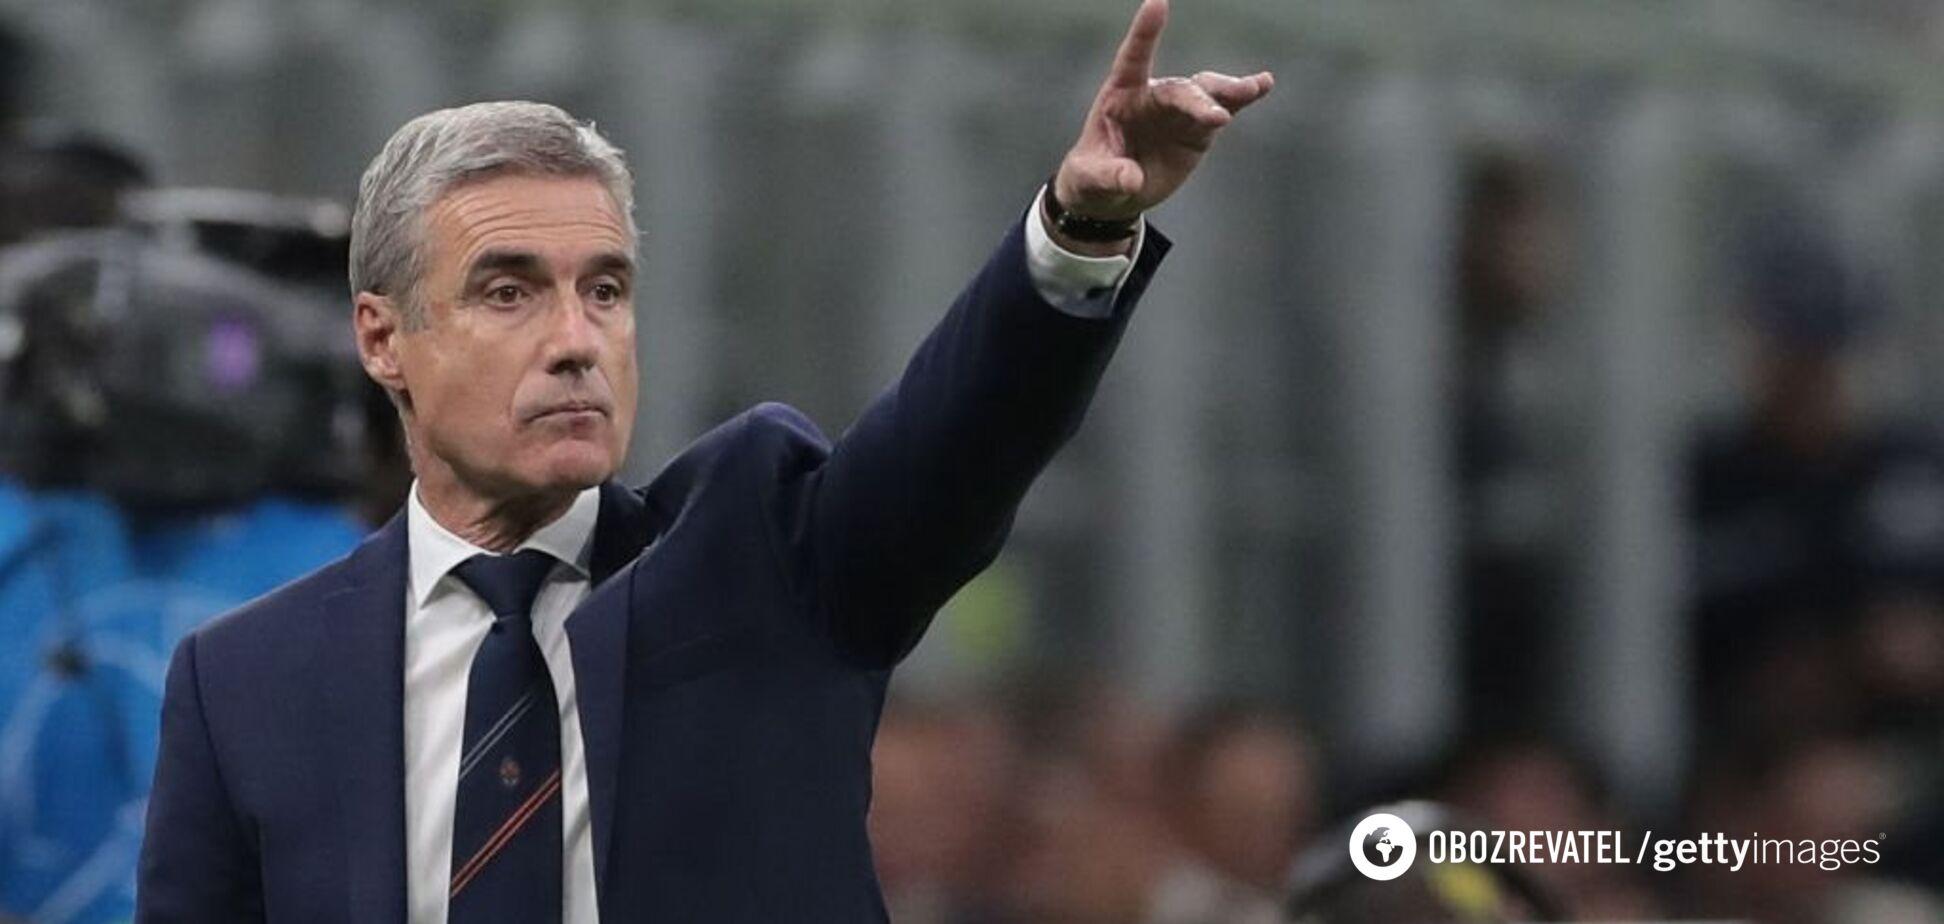 'Все сложнее': тренер 'Шахтера' сделал признание перед матчем Лиги чемпионов